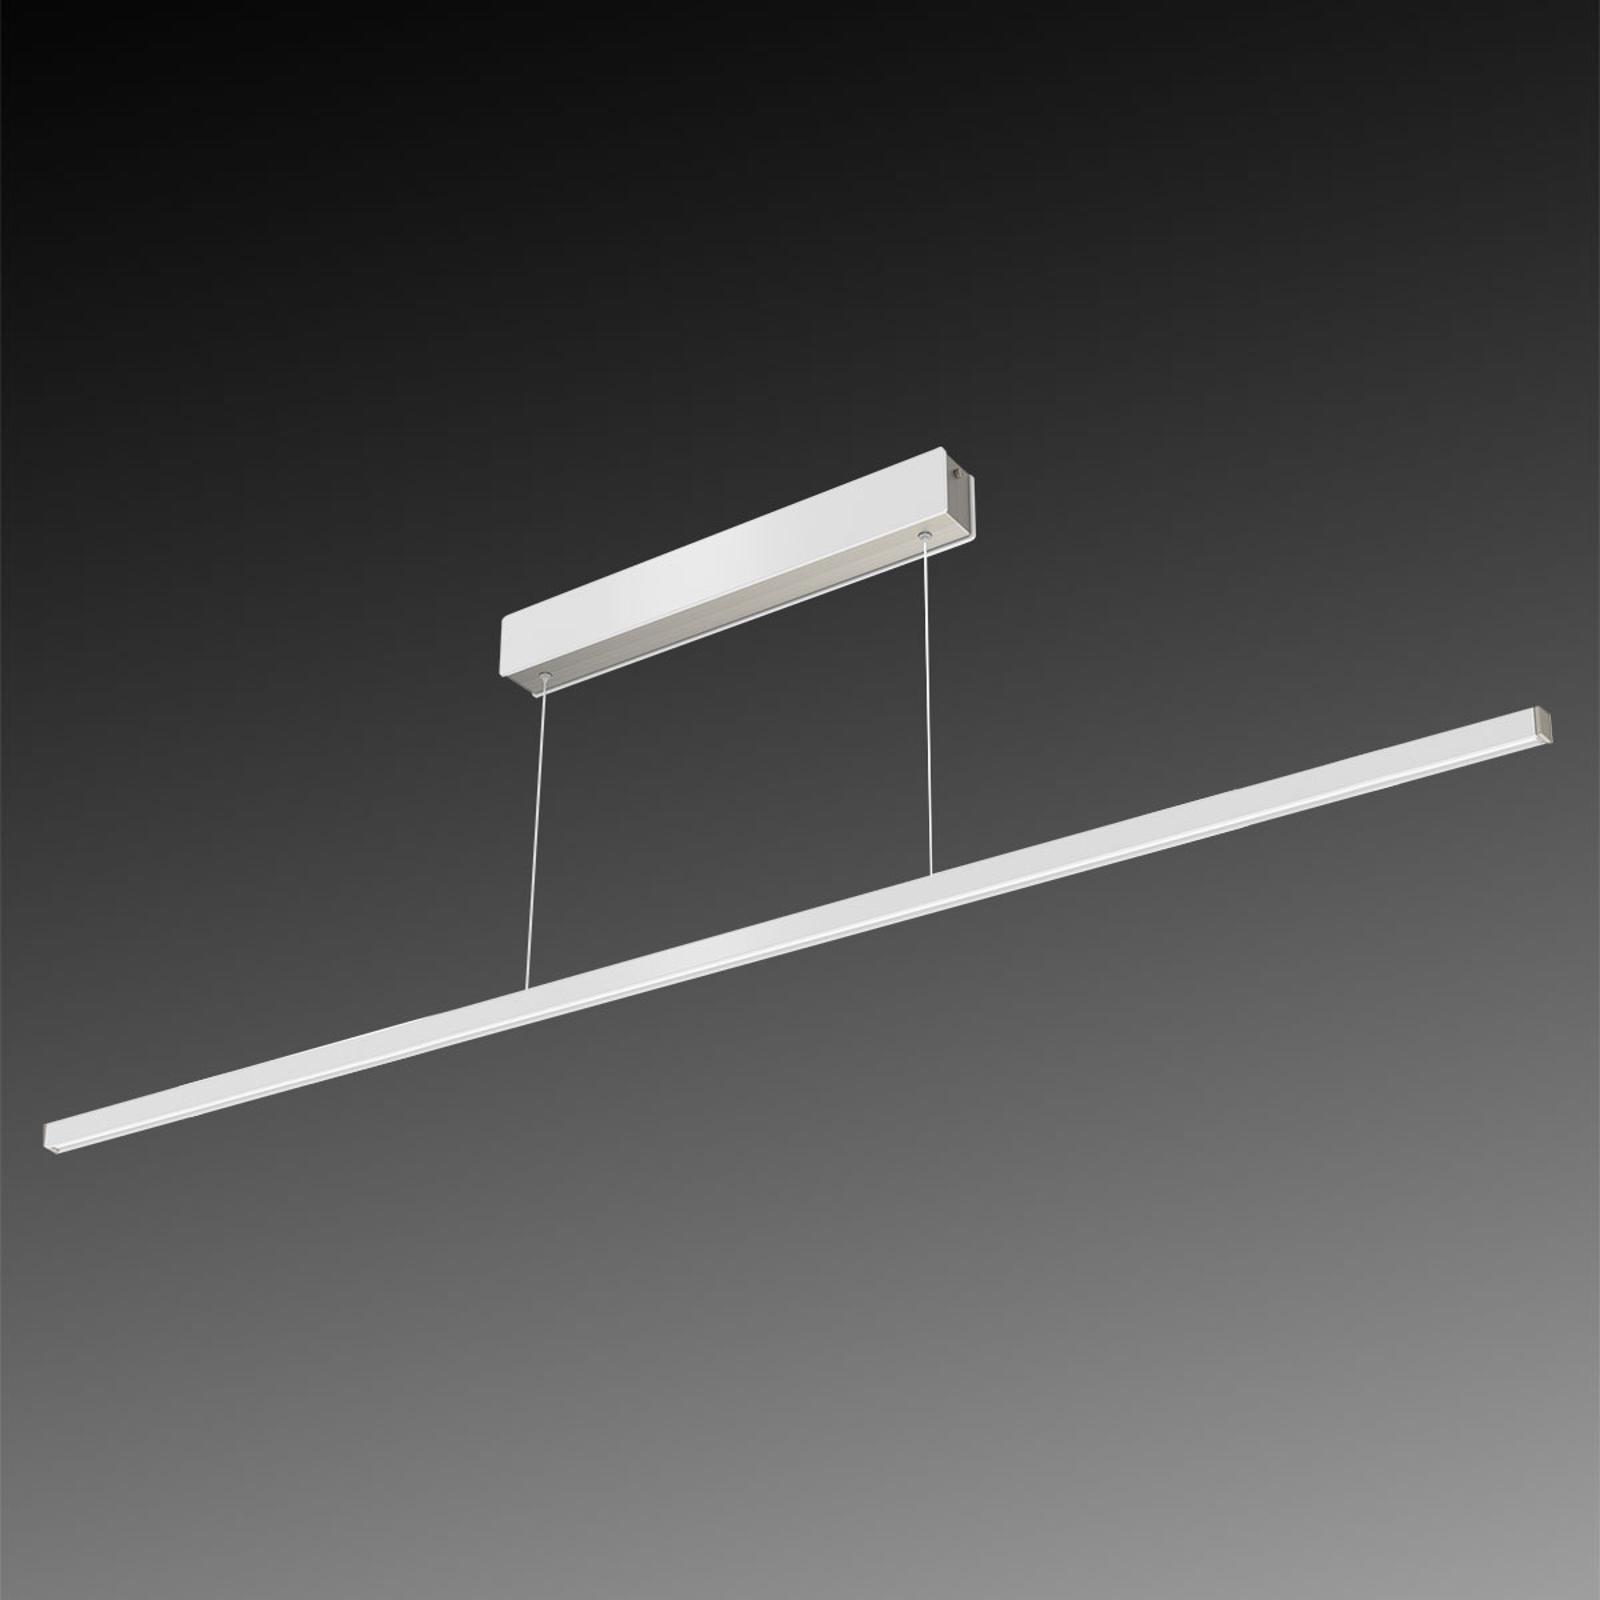 Lampa wisząca LED Orix, biała, 150 cm długości